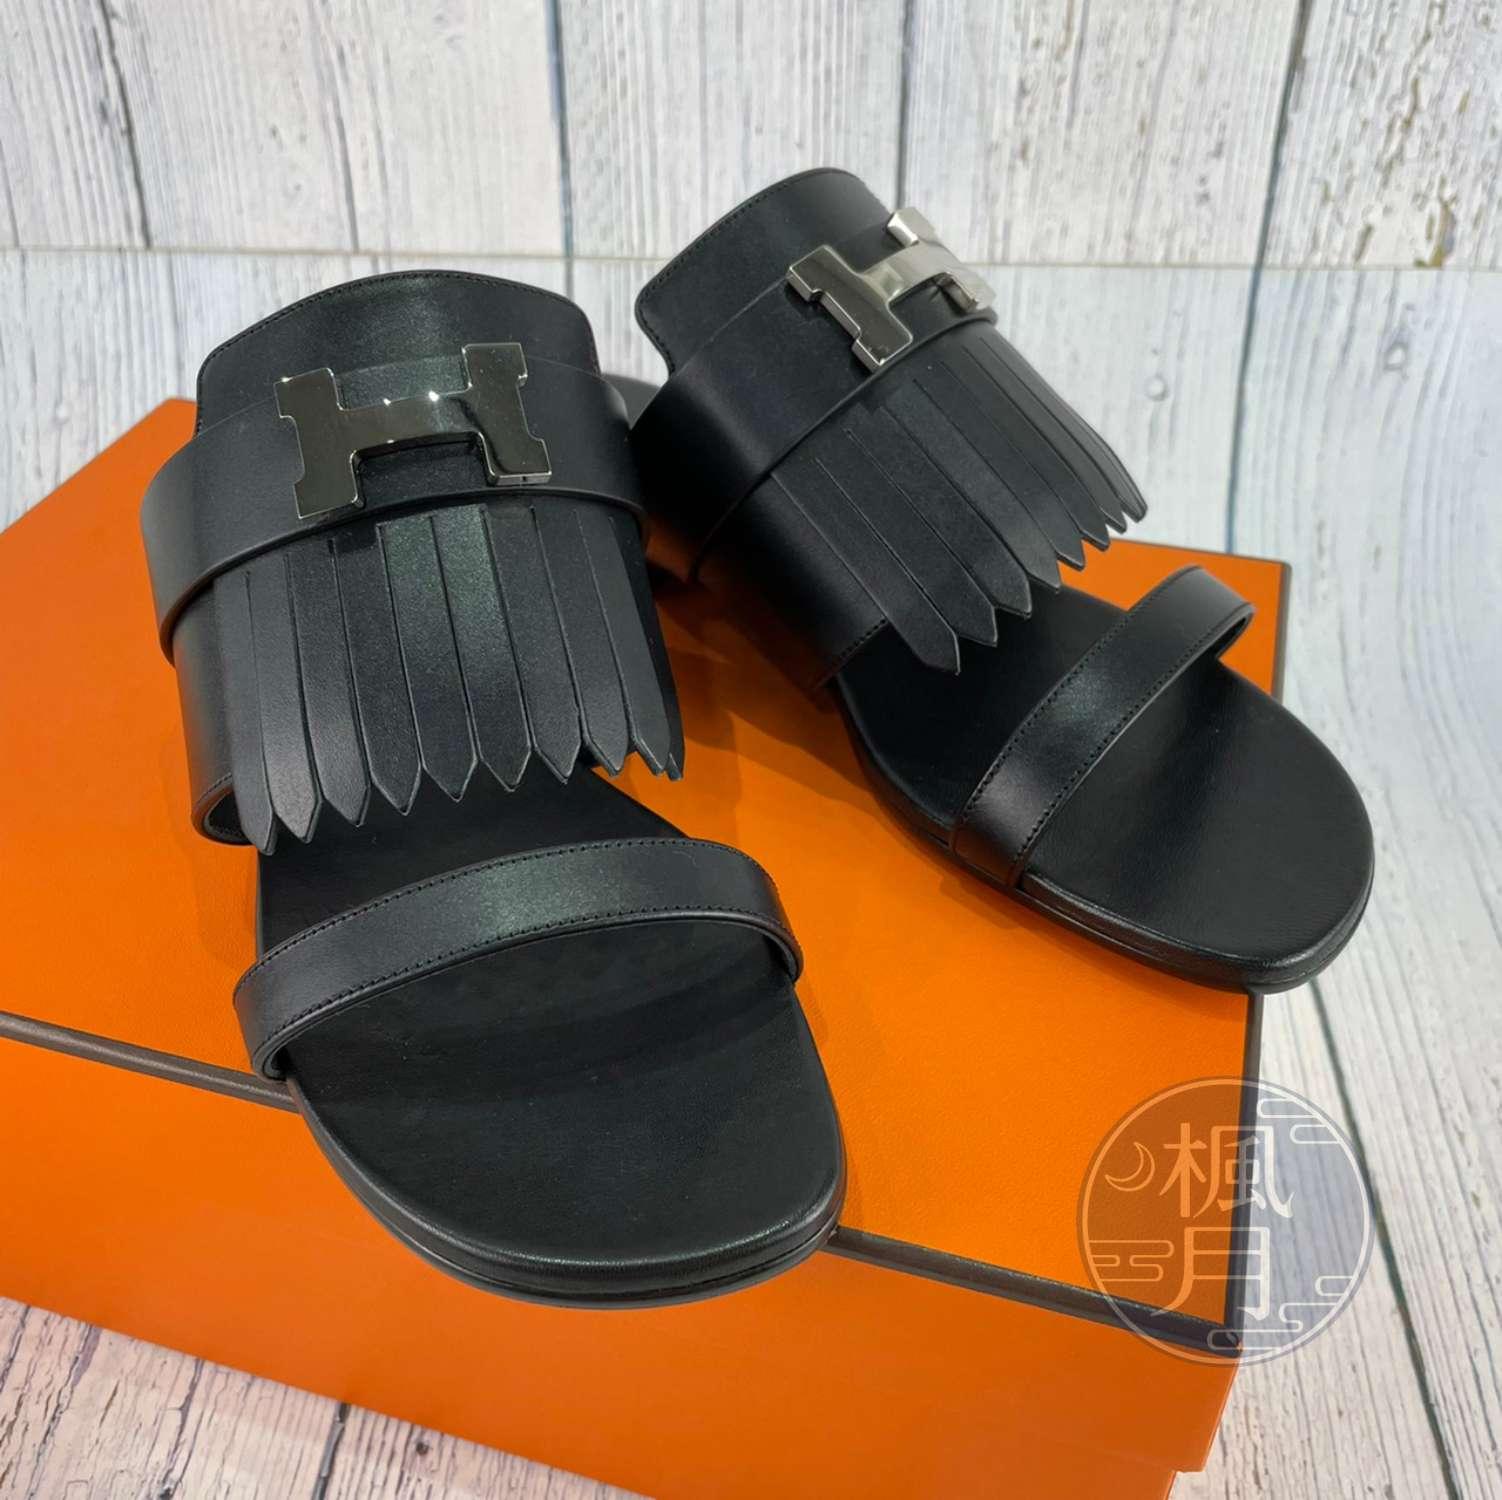 BRAND楓月 HERMES 愛馬仕 H流蘇拖鞋 #37 鞋子 經典H LOGO 穿著打扮 低底鞋